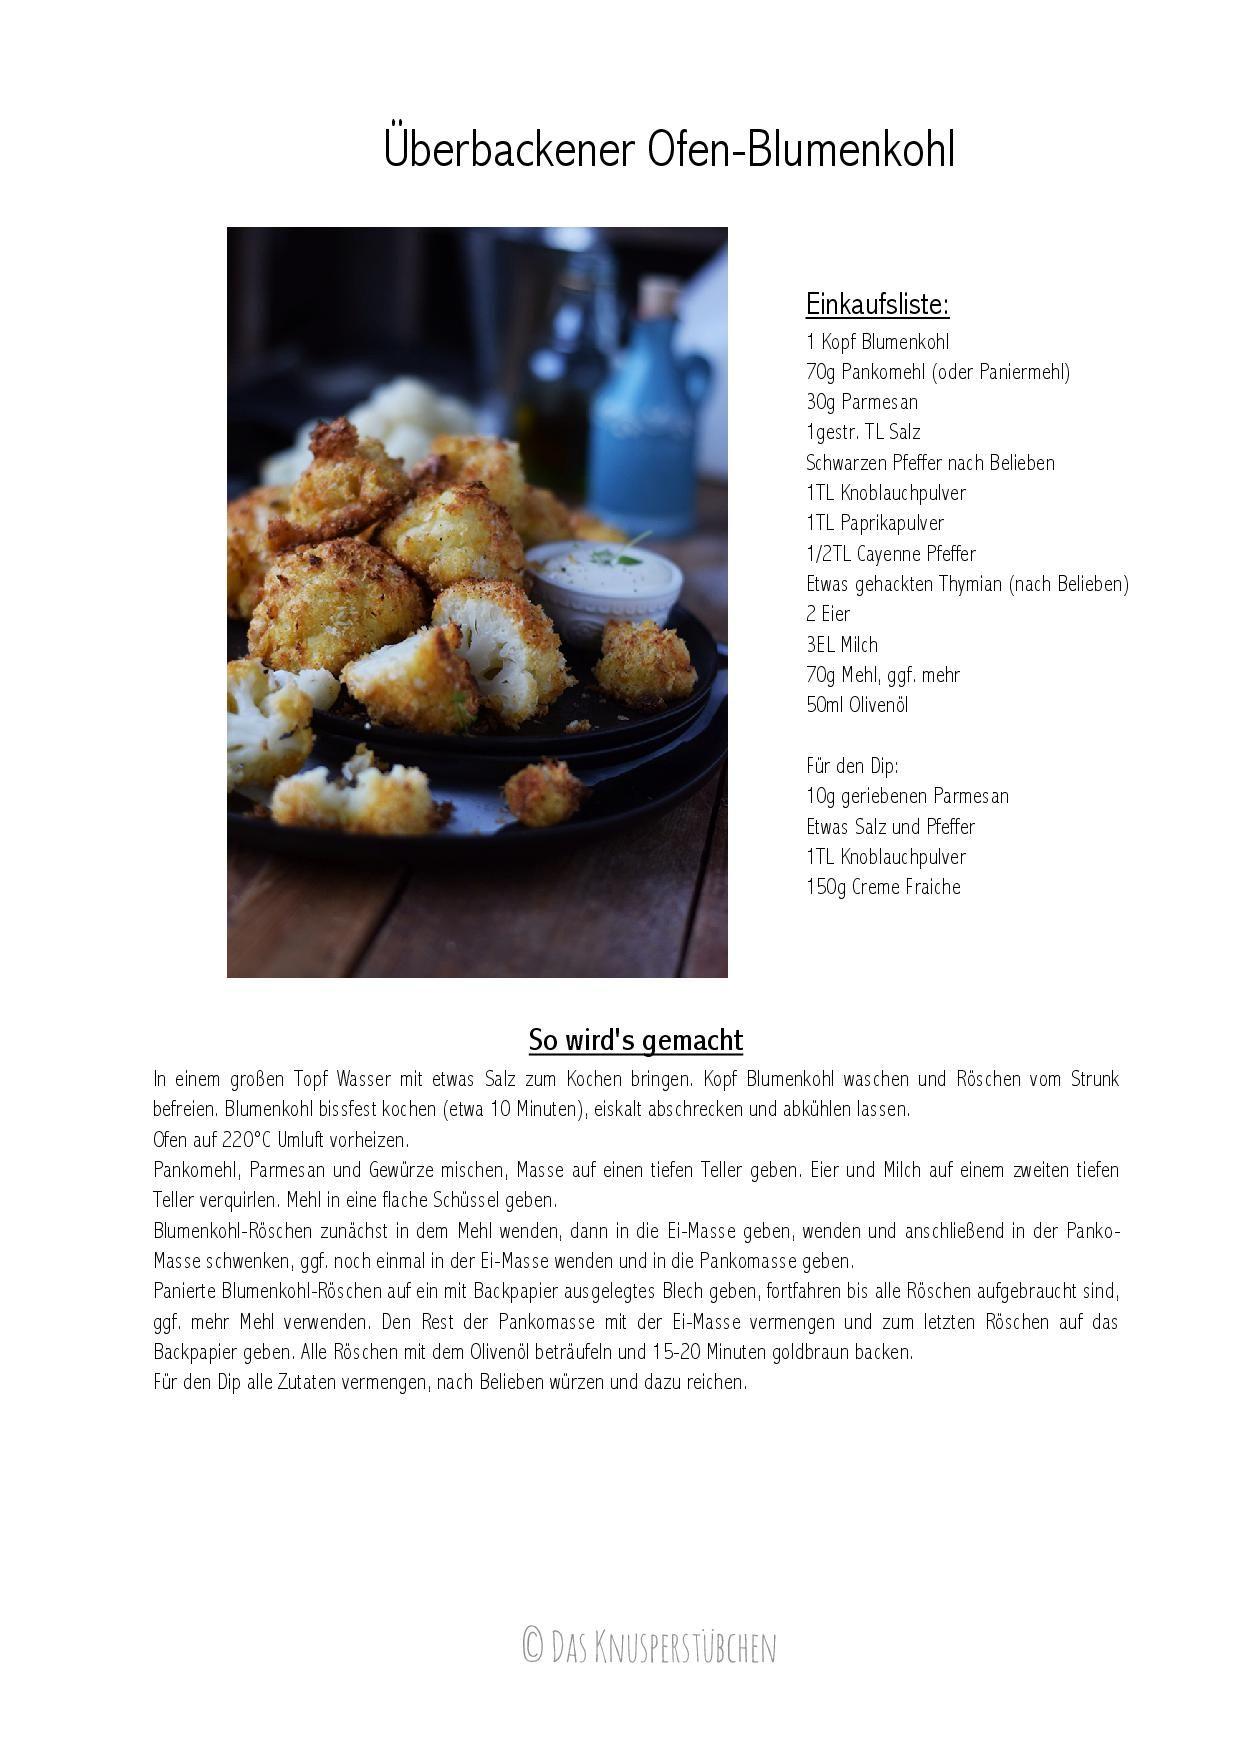 Überbackene Blumenkohl-Wings: Vegetarischer Snack ⋆ Knusperstübchen